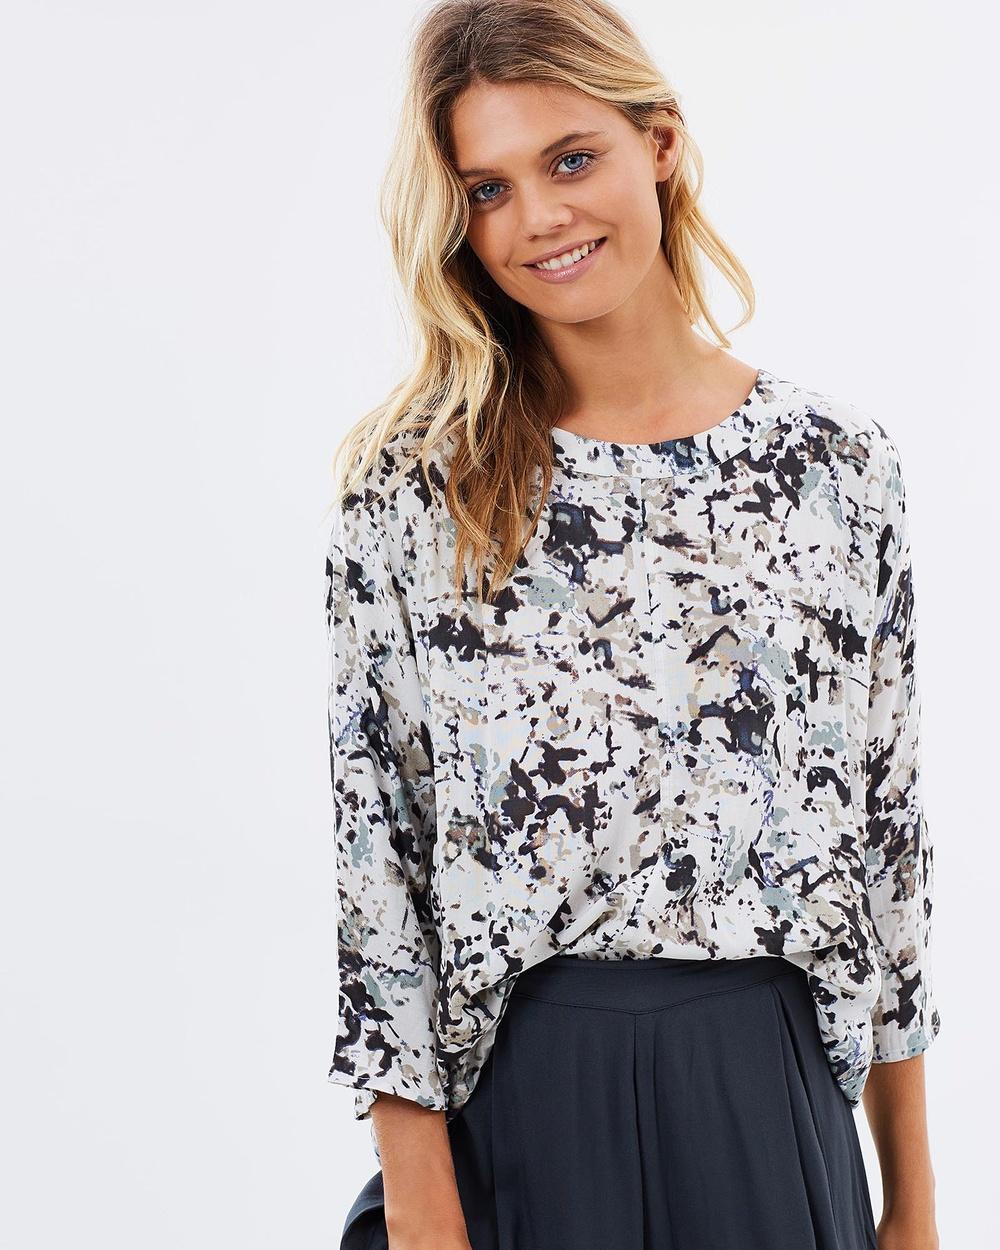 Kaja Clothing Ellie Top Tops Leaf Print Ellie Top